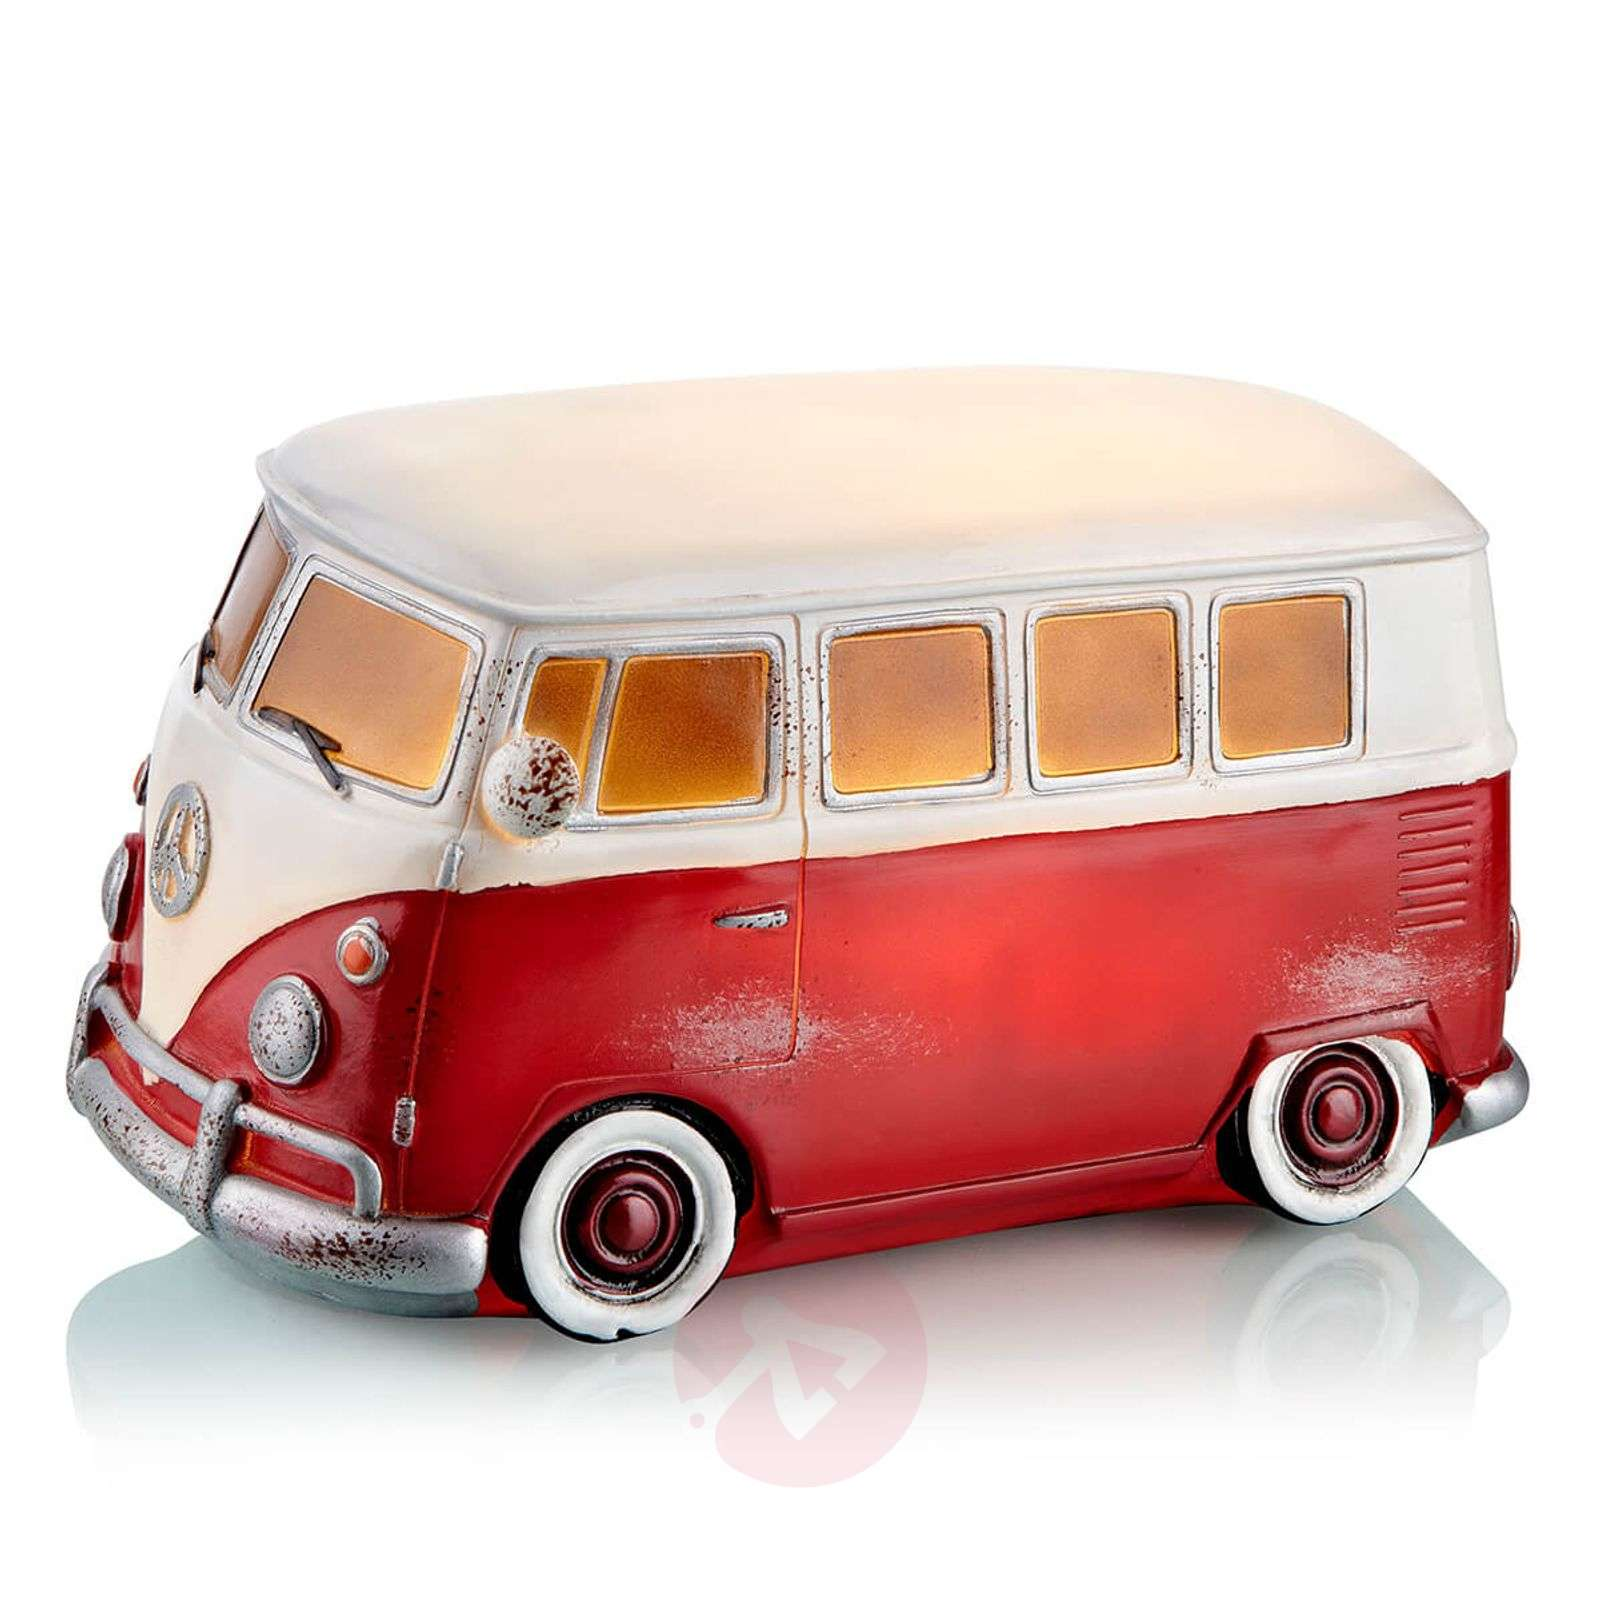 LED light Nostalgi in iconic VW bus design-6506164-01